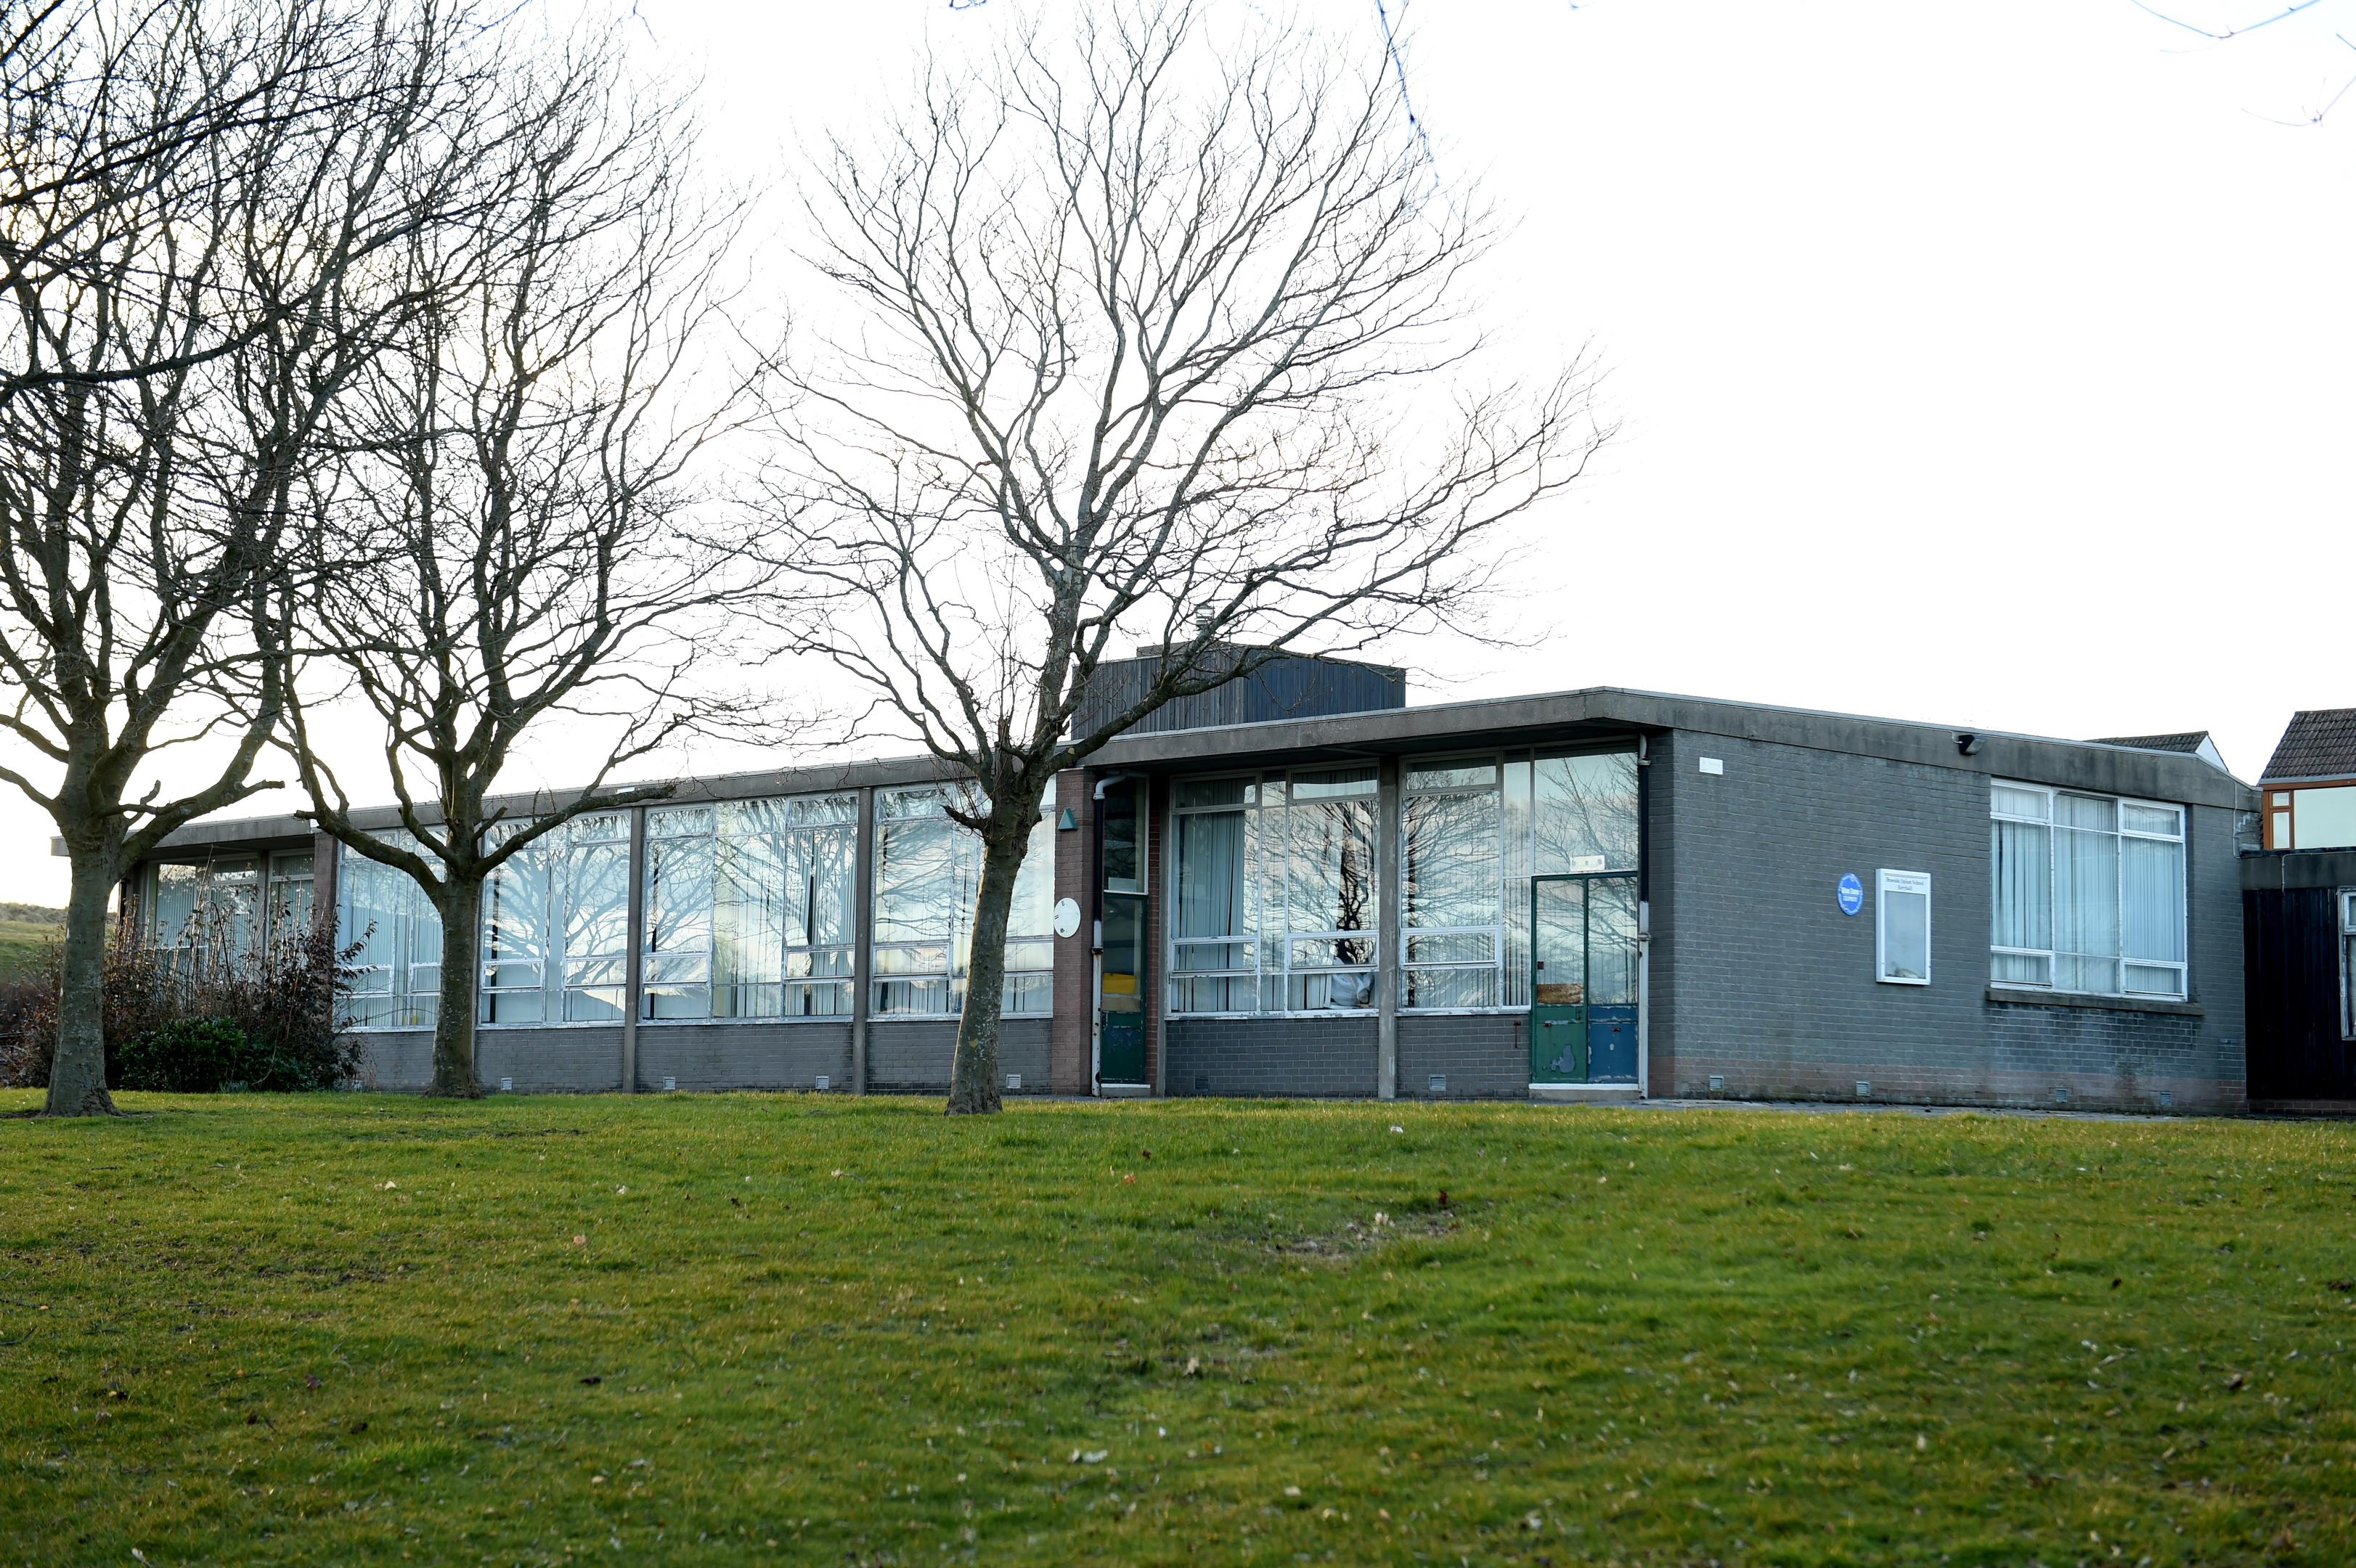 Braeside School refurbishment costs are estimated to be £422,000.